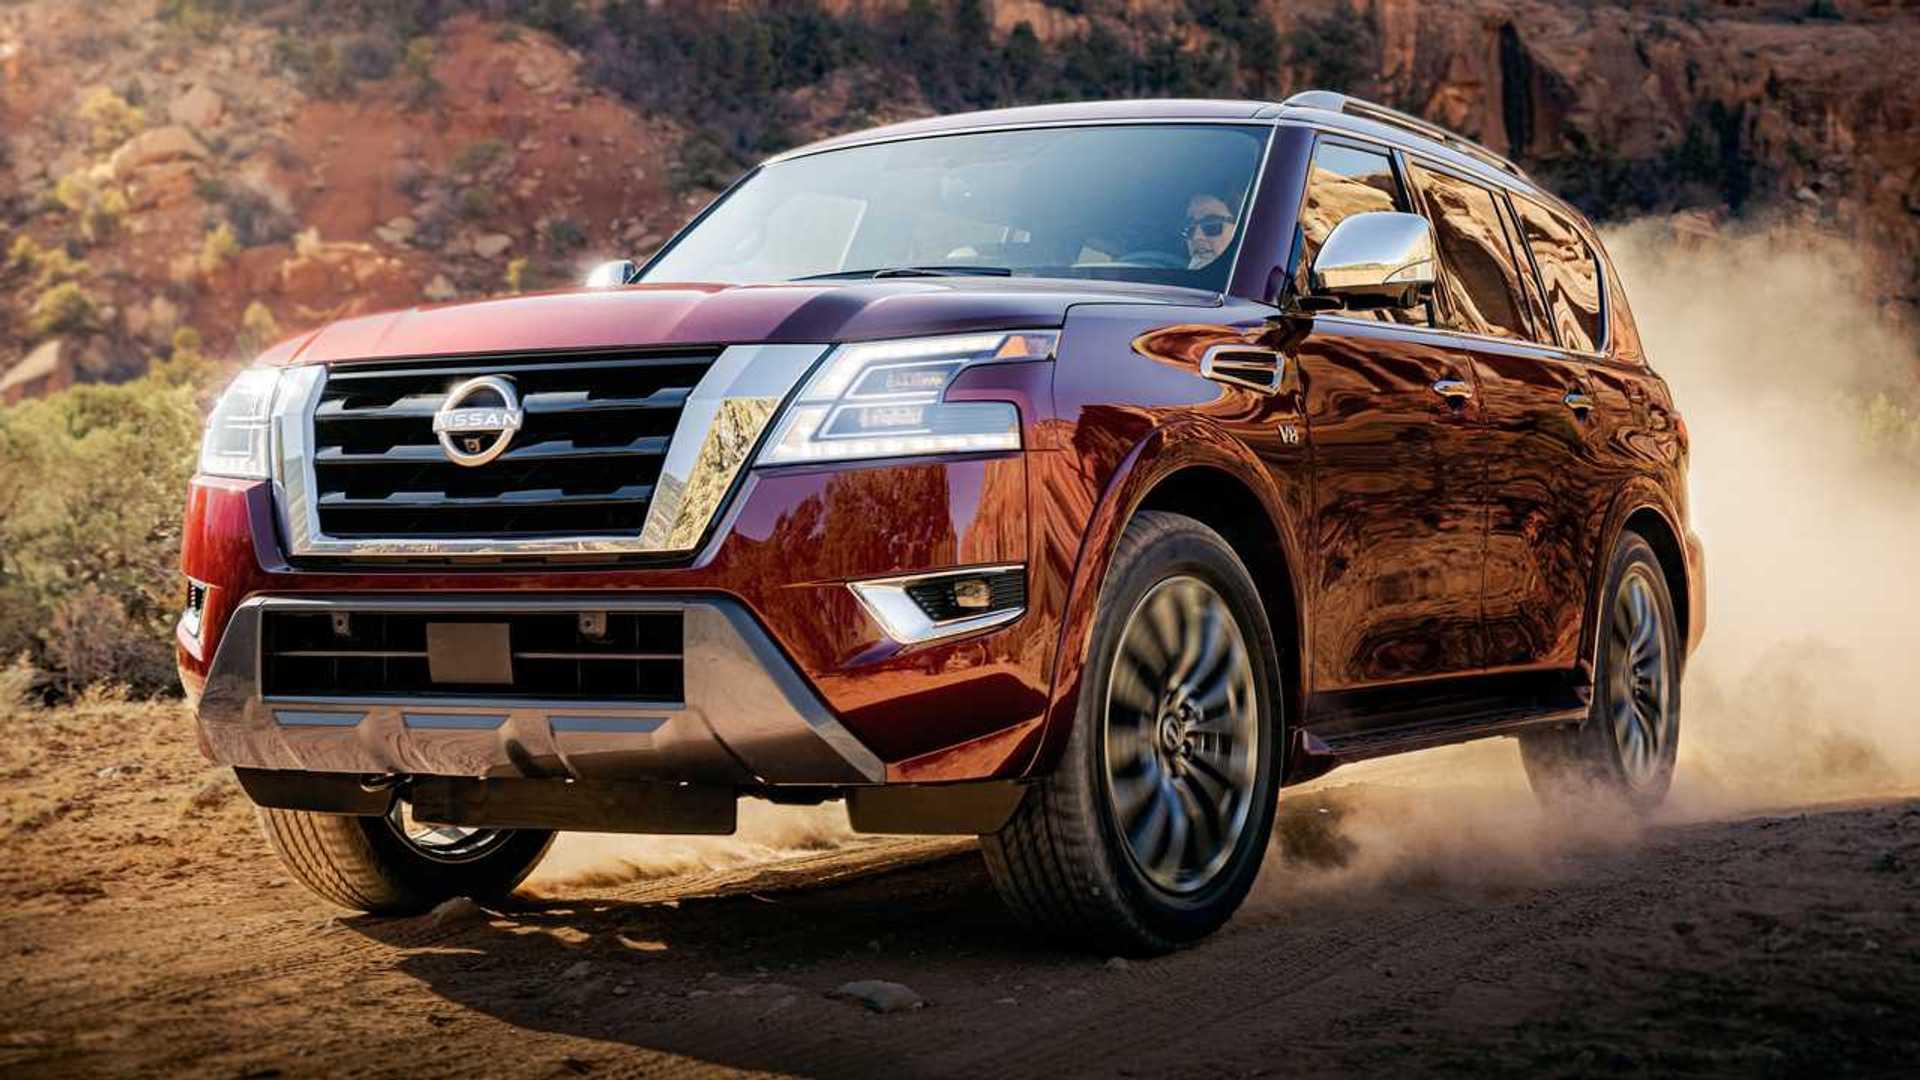 Nissan Armada 2021 года дебютирует с новым лицом, много технических обновлений